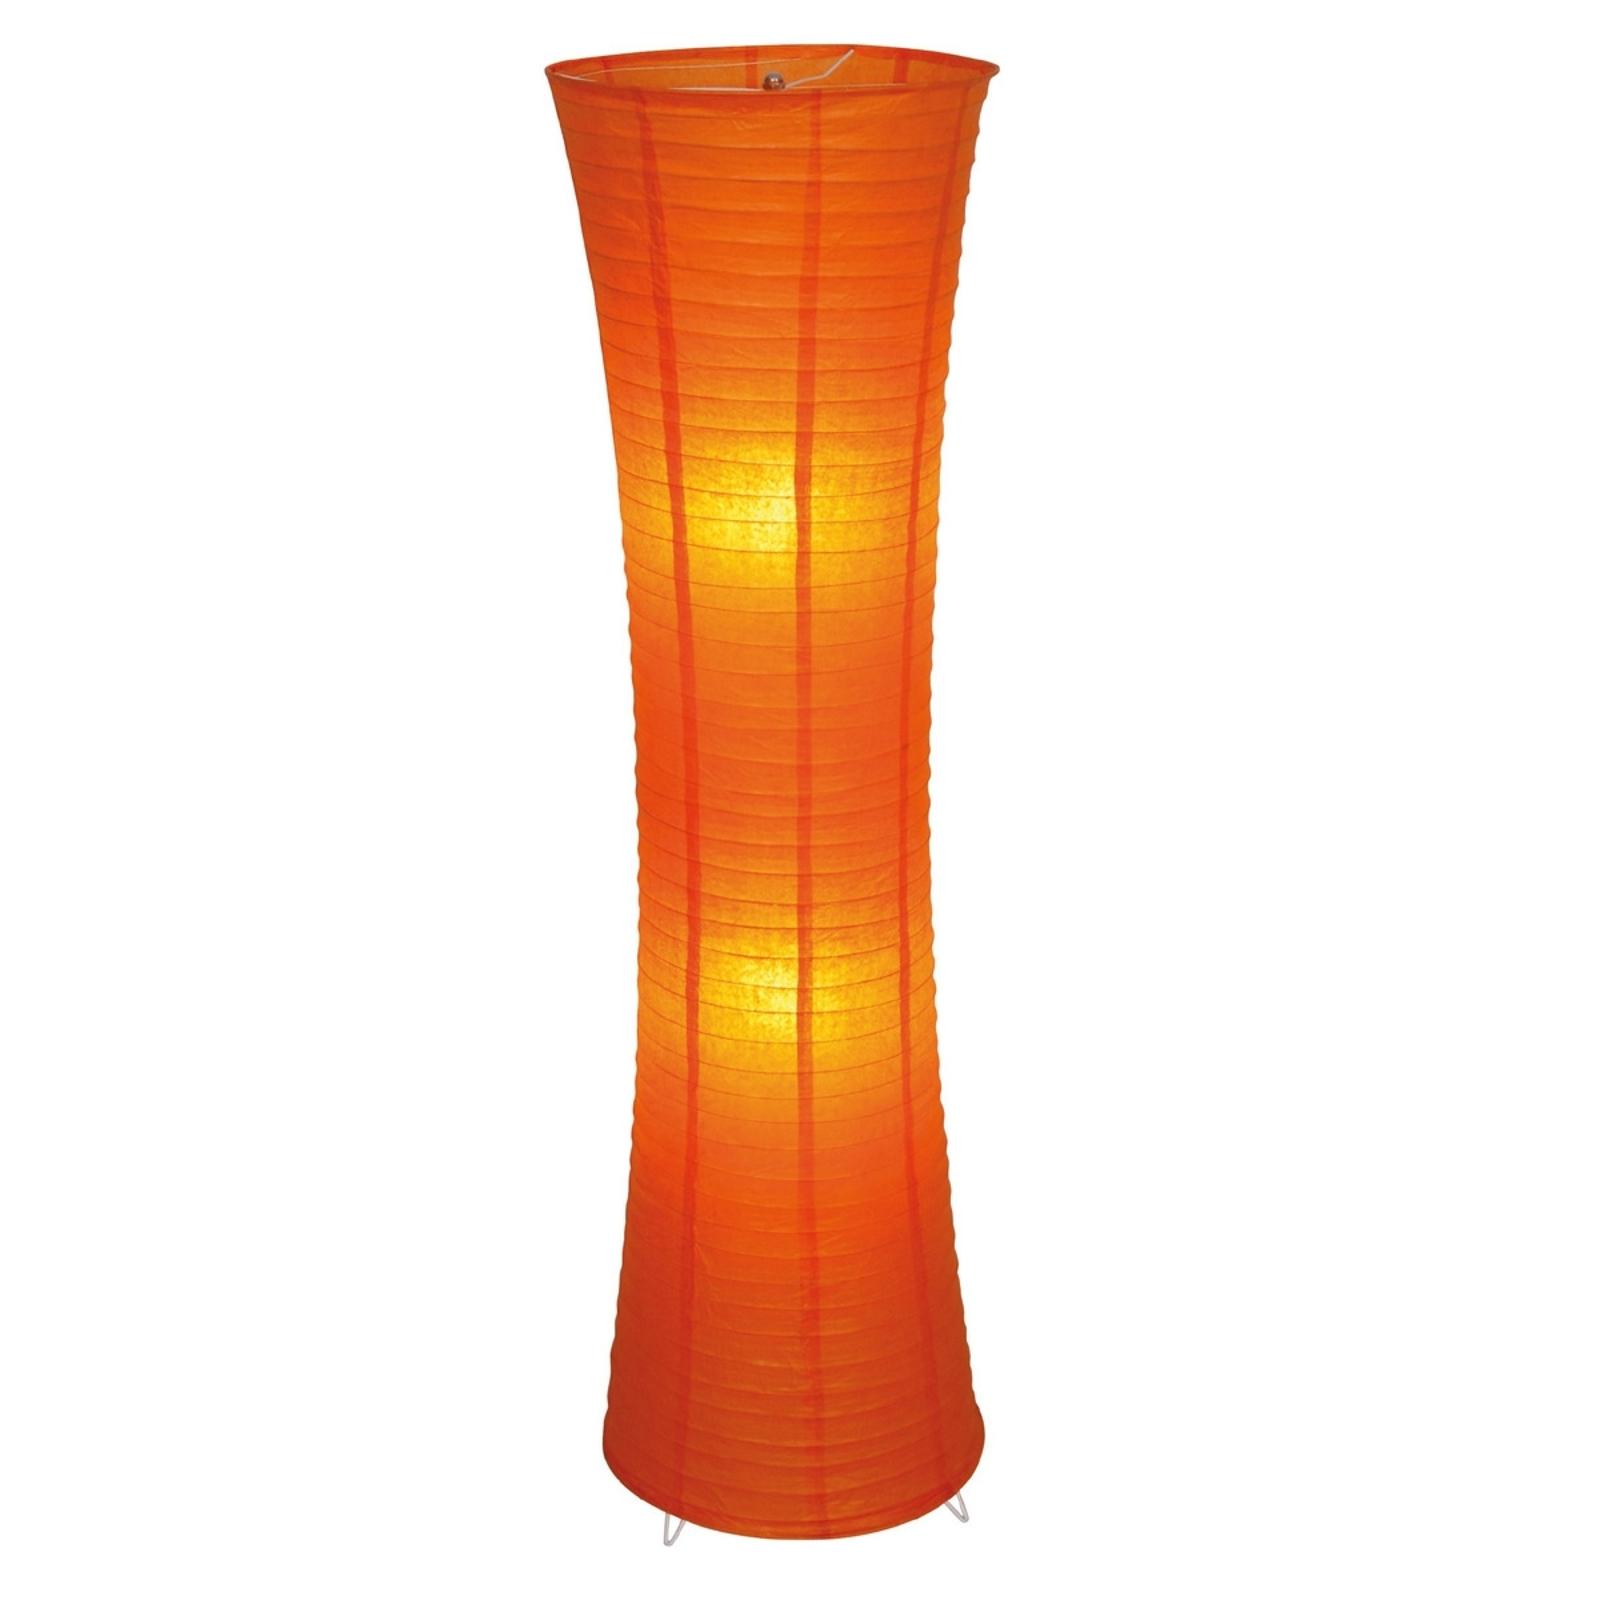 Gulvlampe Taiyo i orange